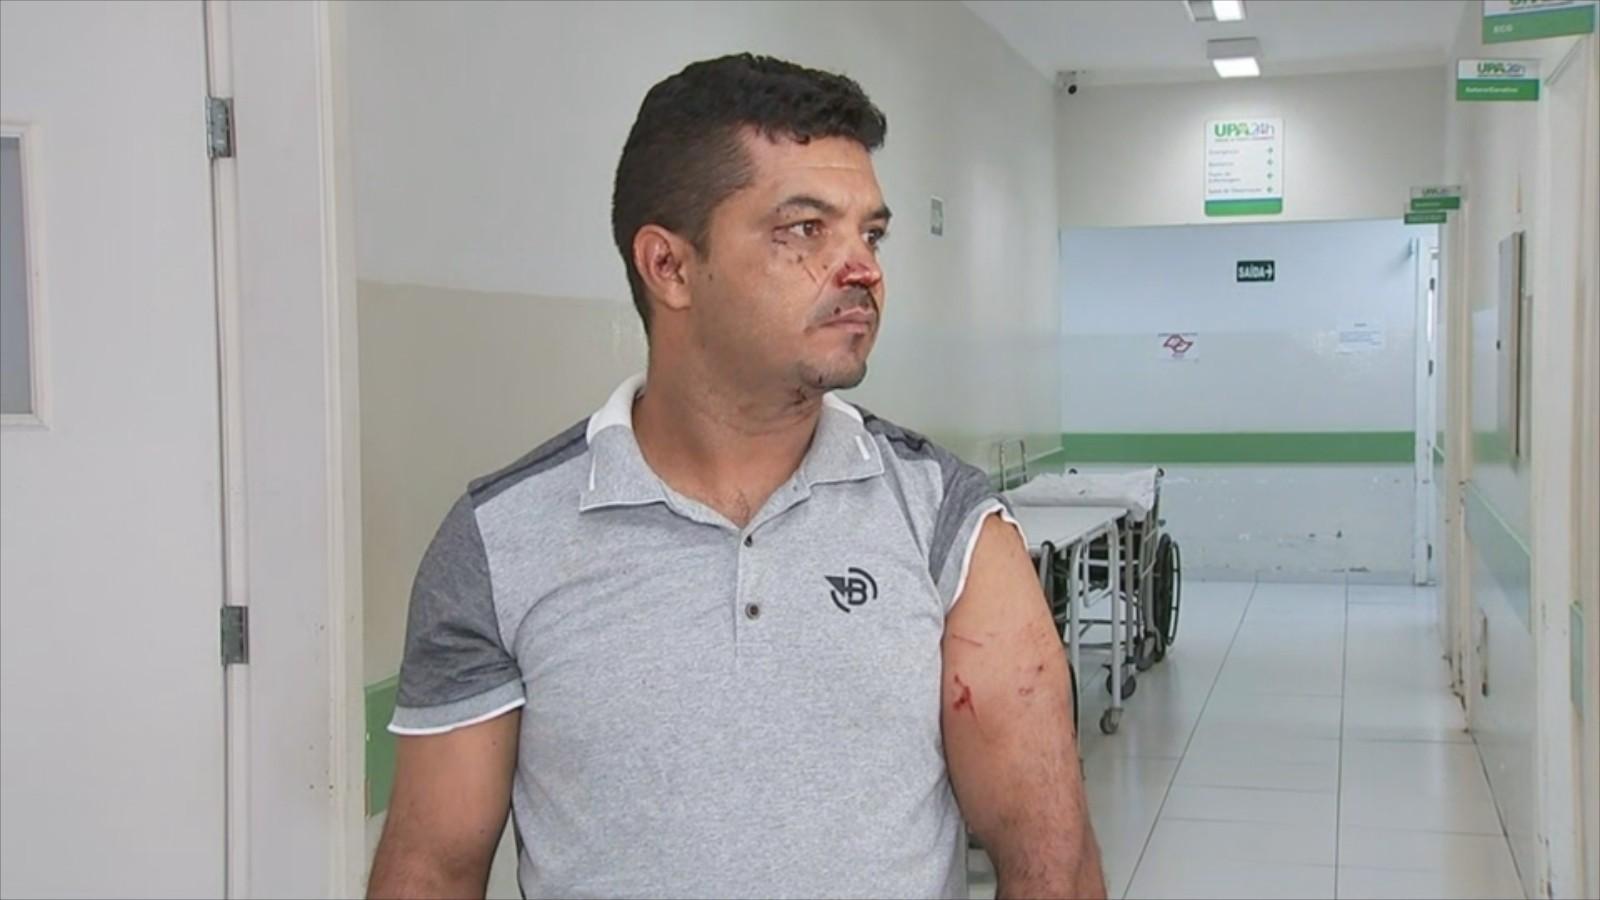 Ajudante de motorista relata ataque de pit bulls em Fernandópolis: 'Comecei a perder as forças'